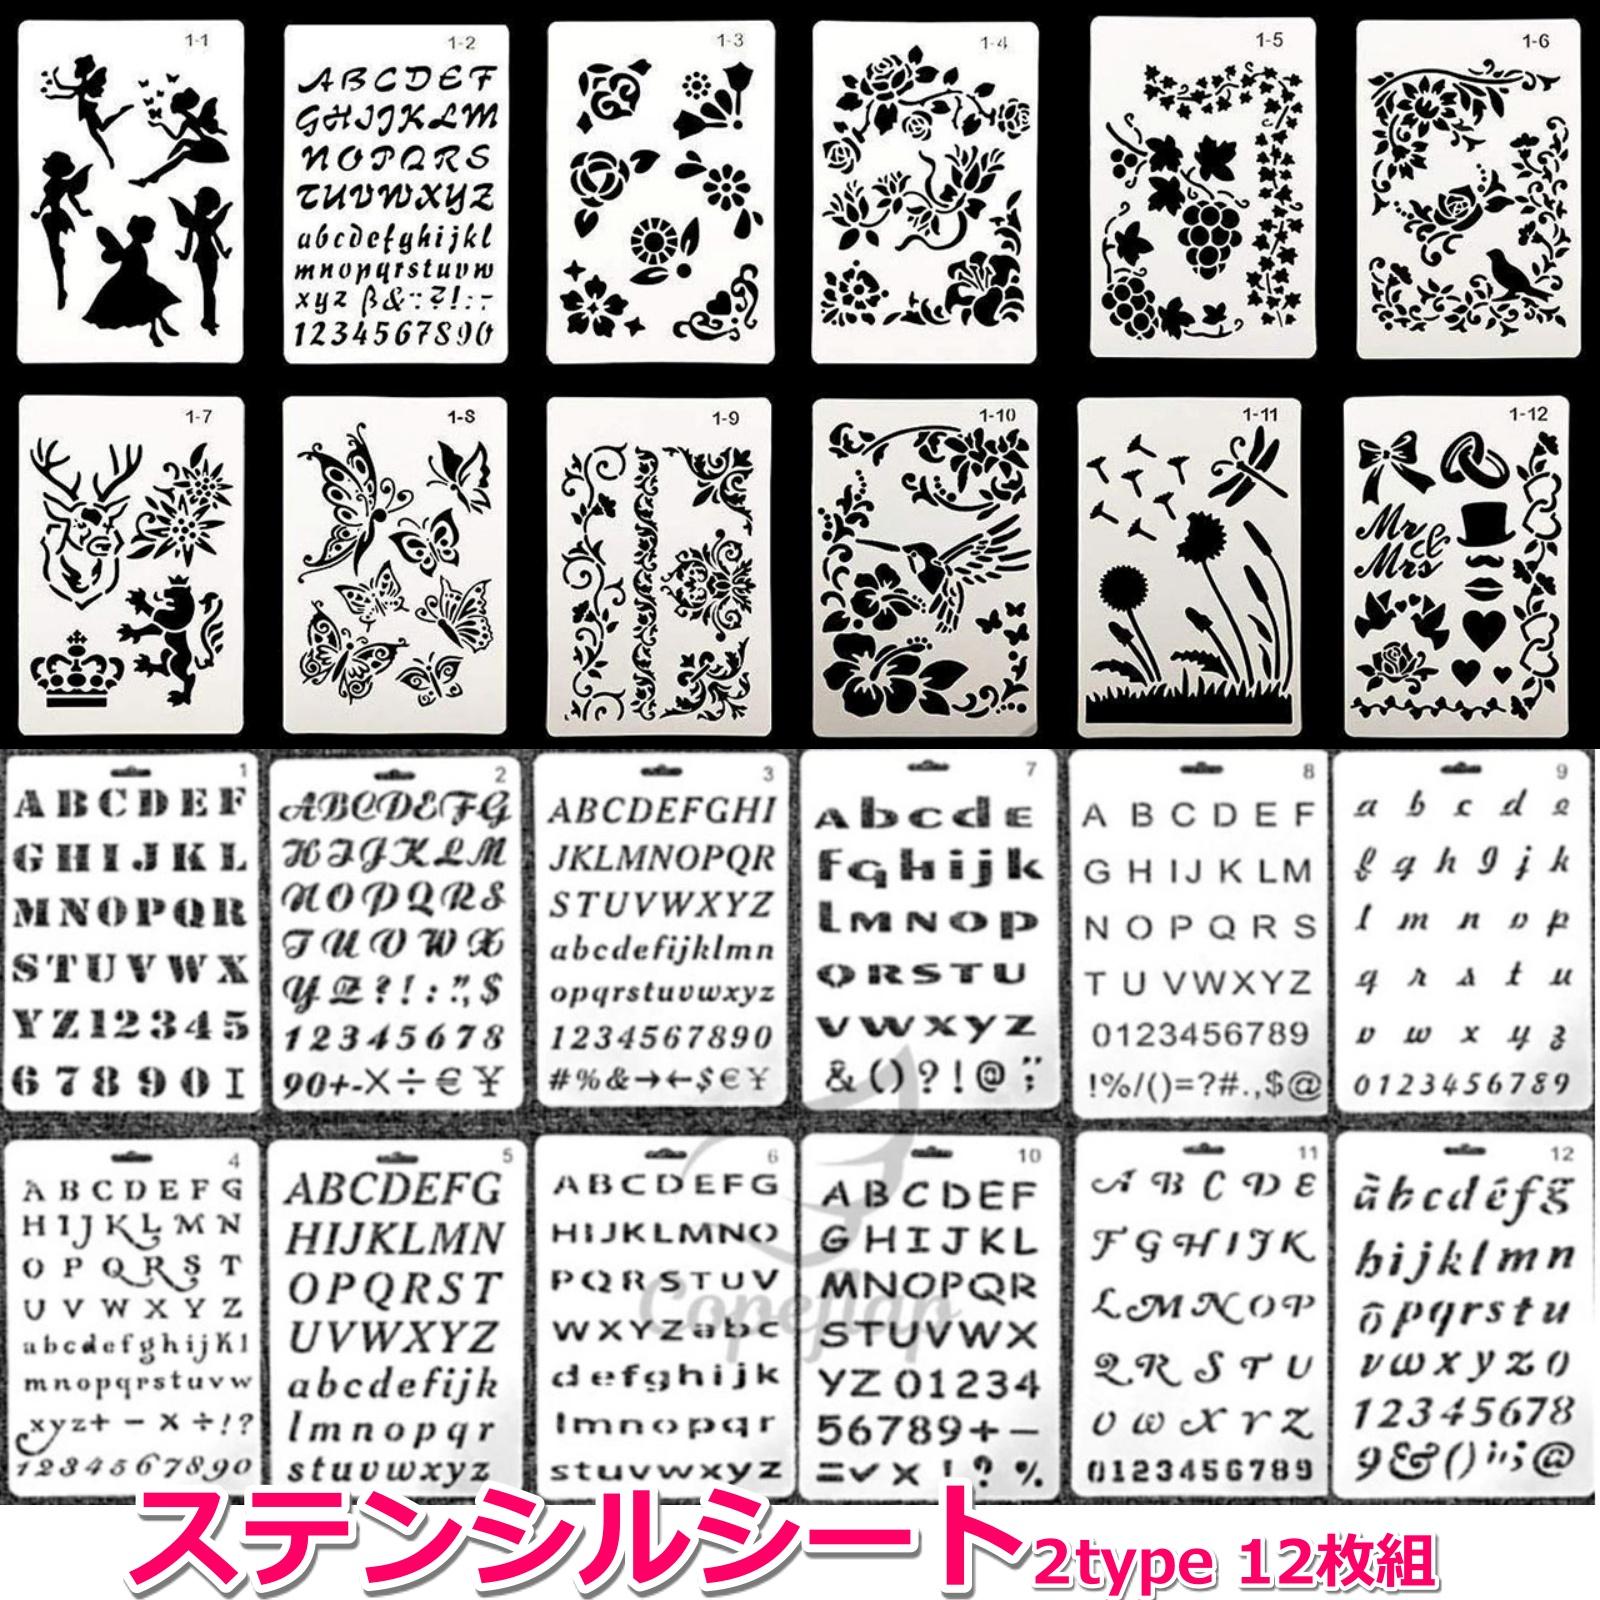 ステンシルシート12種類各1枚ずつの12枚セットです 様々な花柄模様やアルファベットを取りそろえたお得なセットとなっております ステンシルシート 12枚組 ステンシル 低廉 手帳 テンプレート ステンシルプレート 定規 アルファベット 数字 奉呈 描画 文字